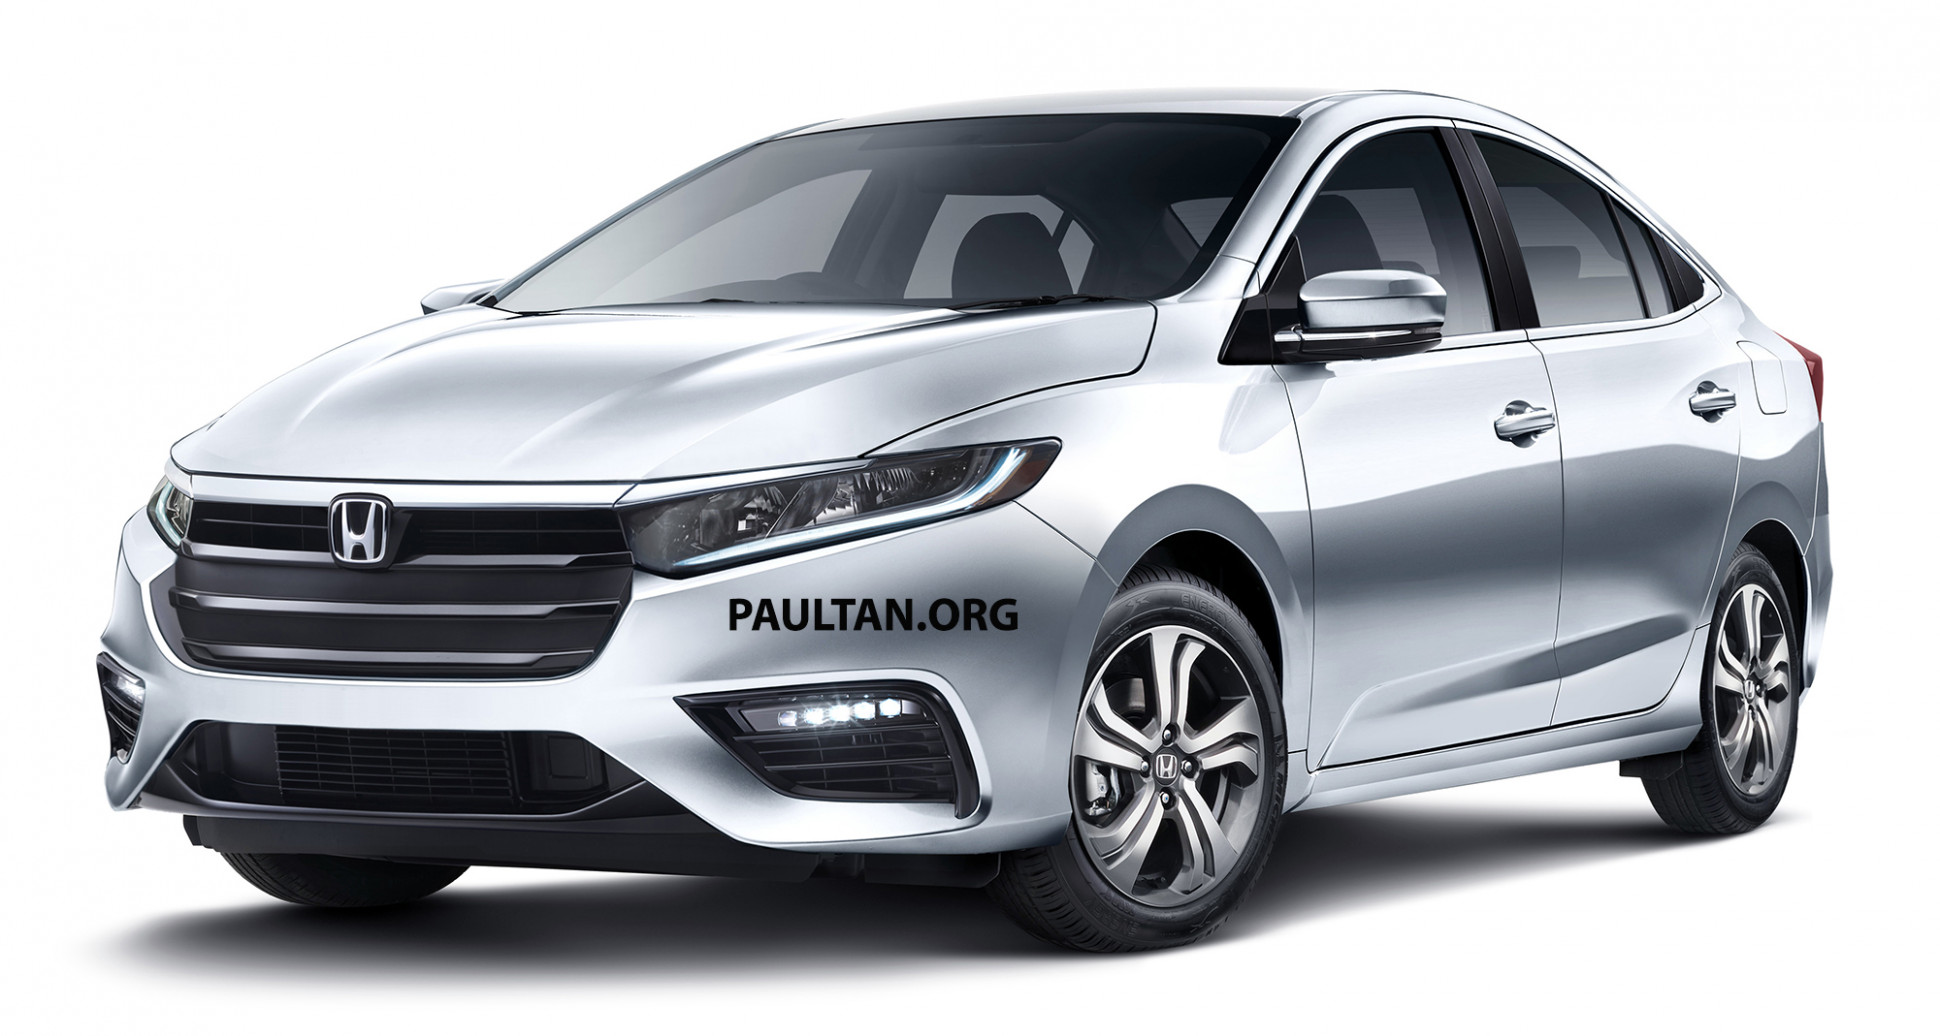 Concept 2022 Honda City